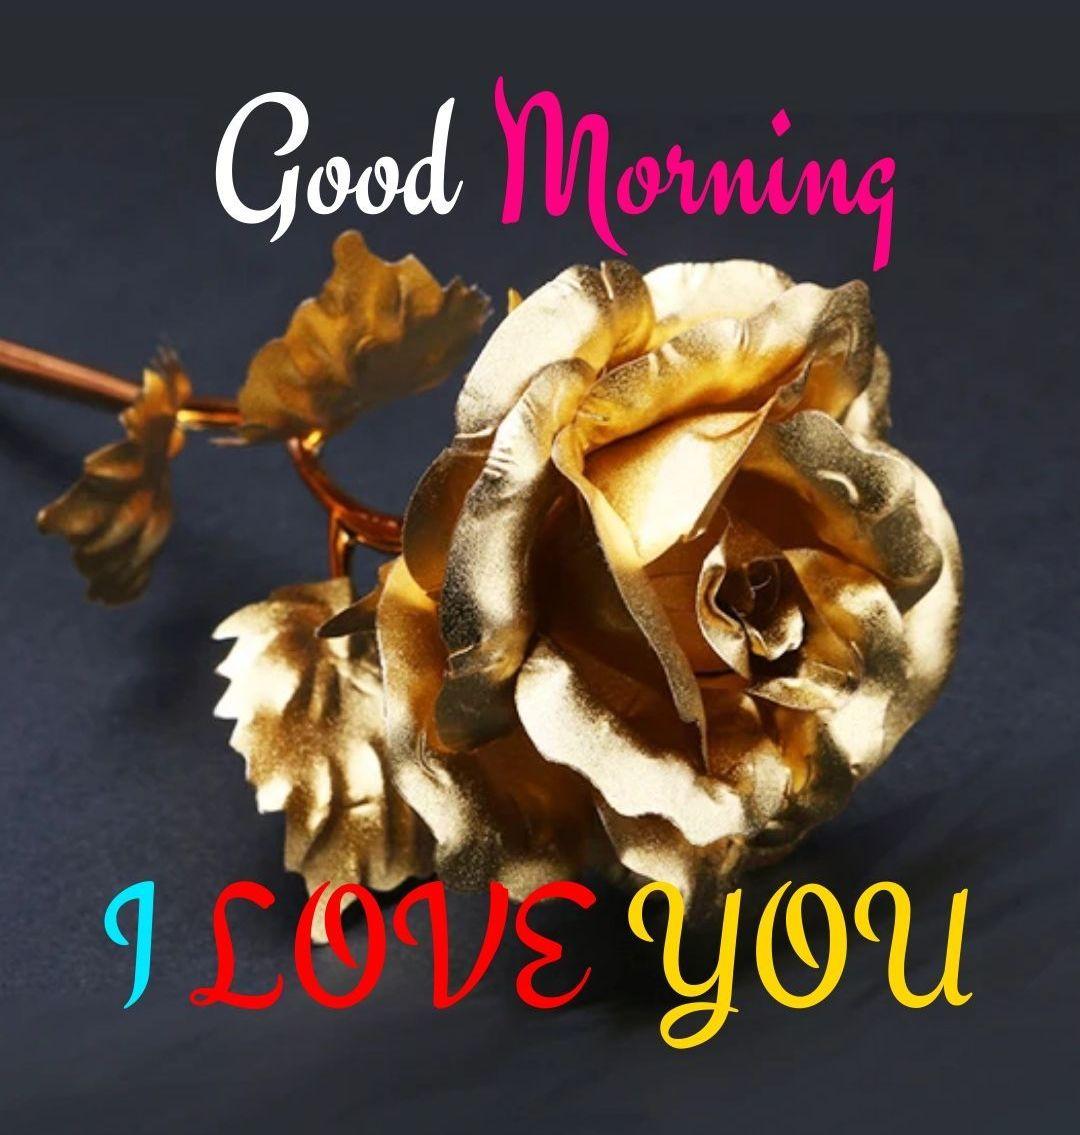 Good Morning Golden Rose